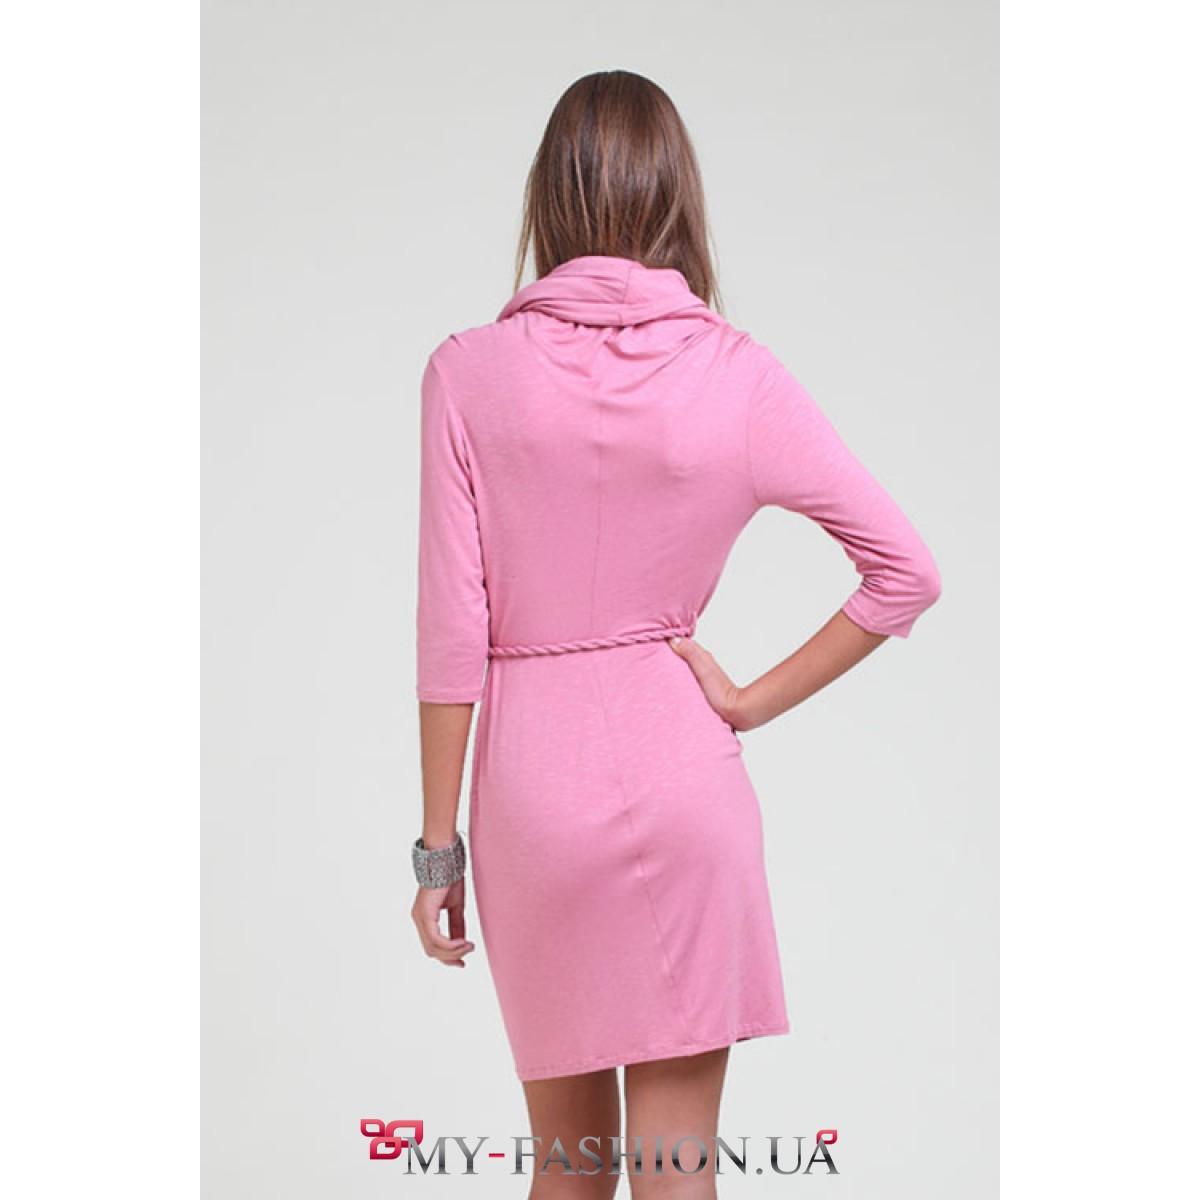 Купить Женское Платье Иваново Интернет